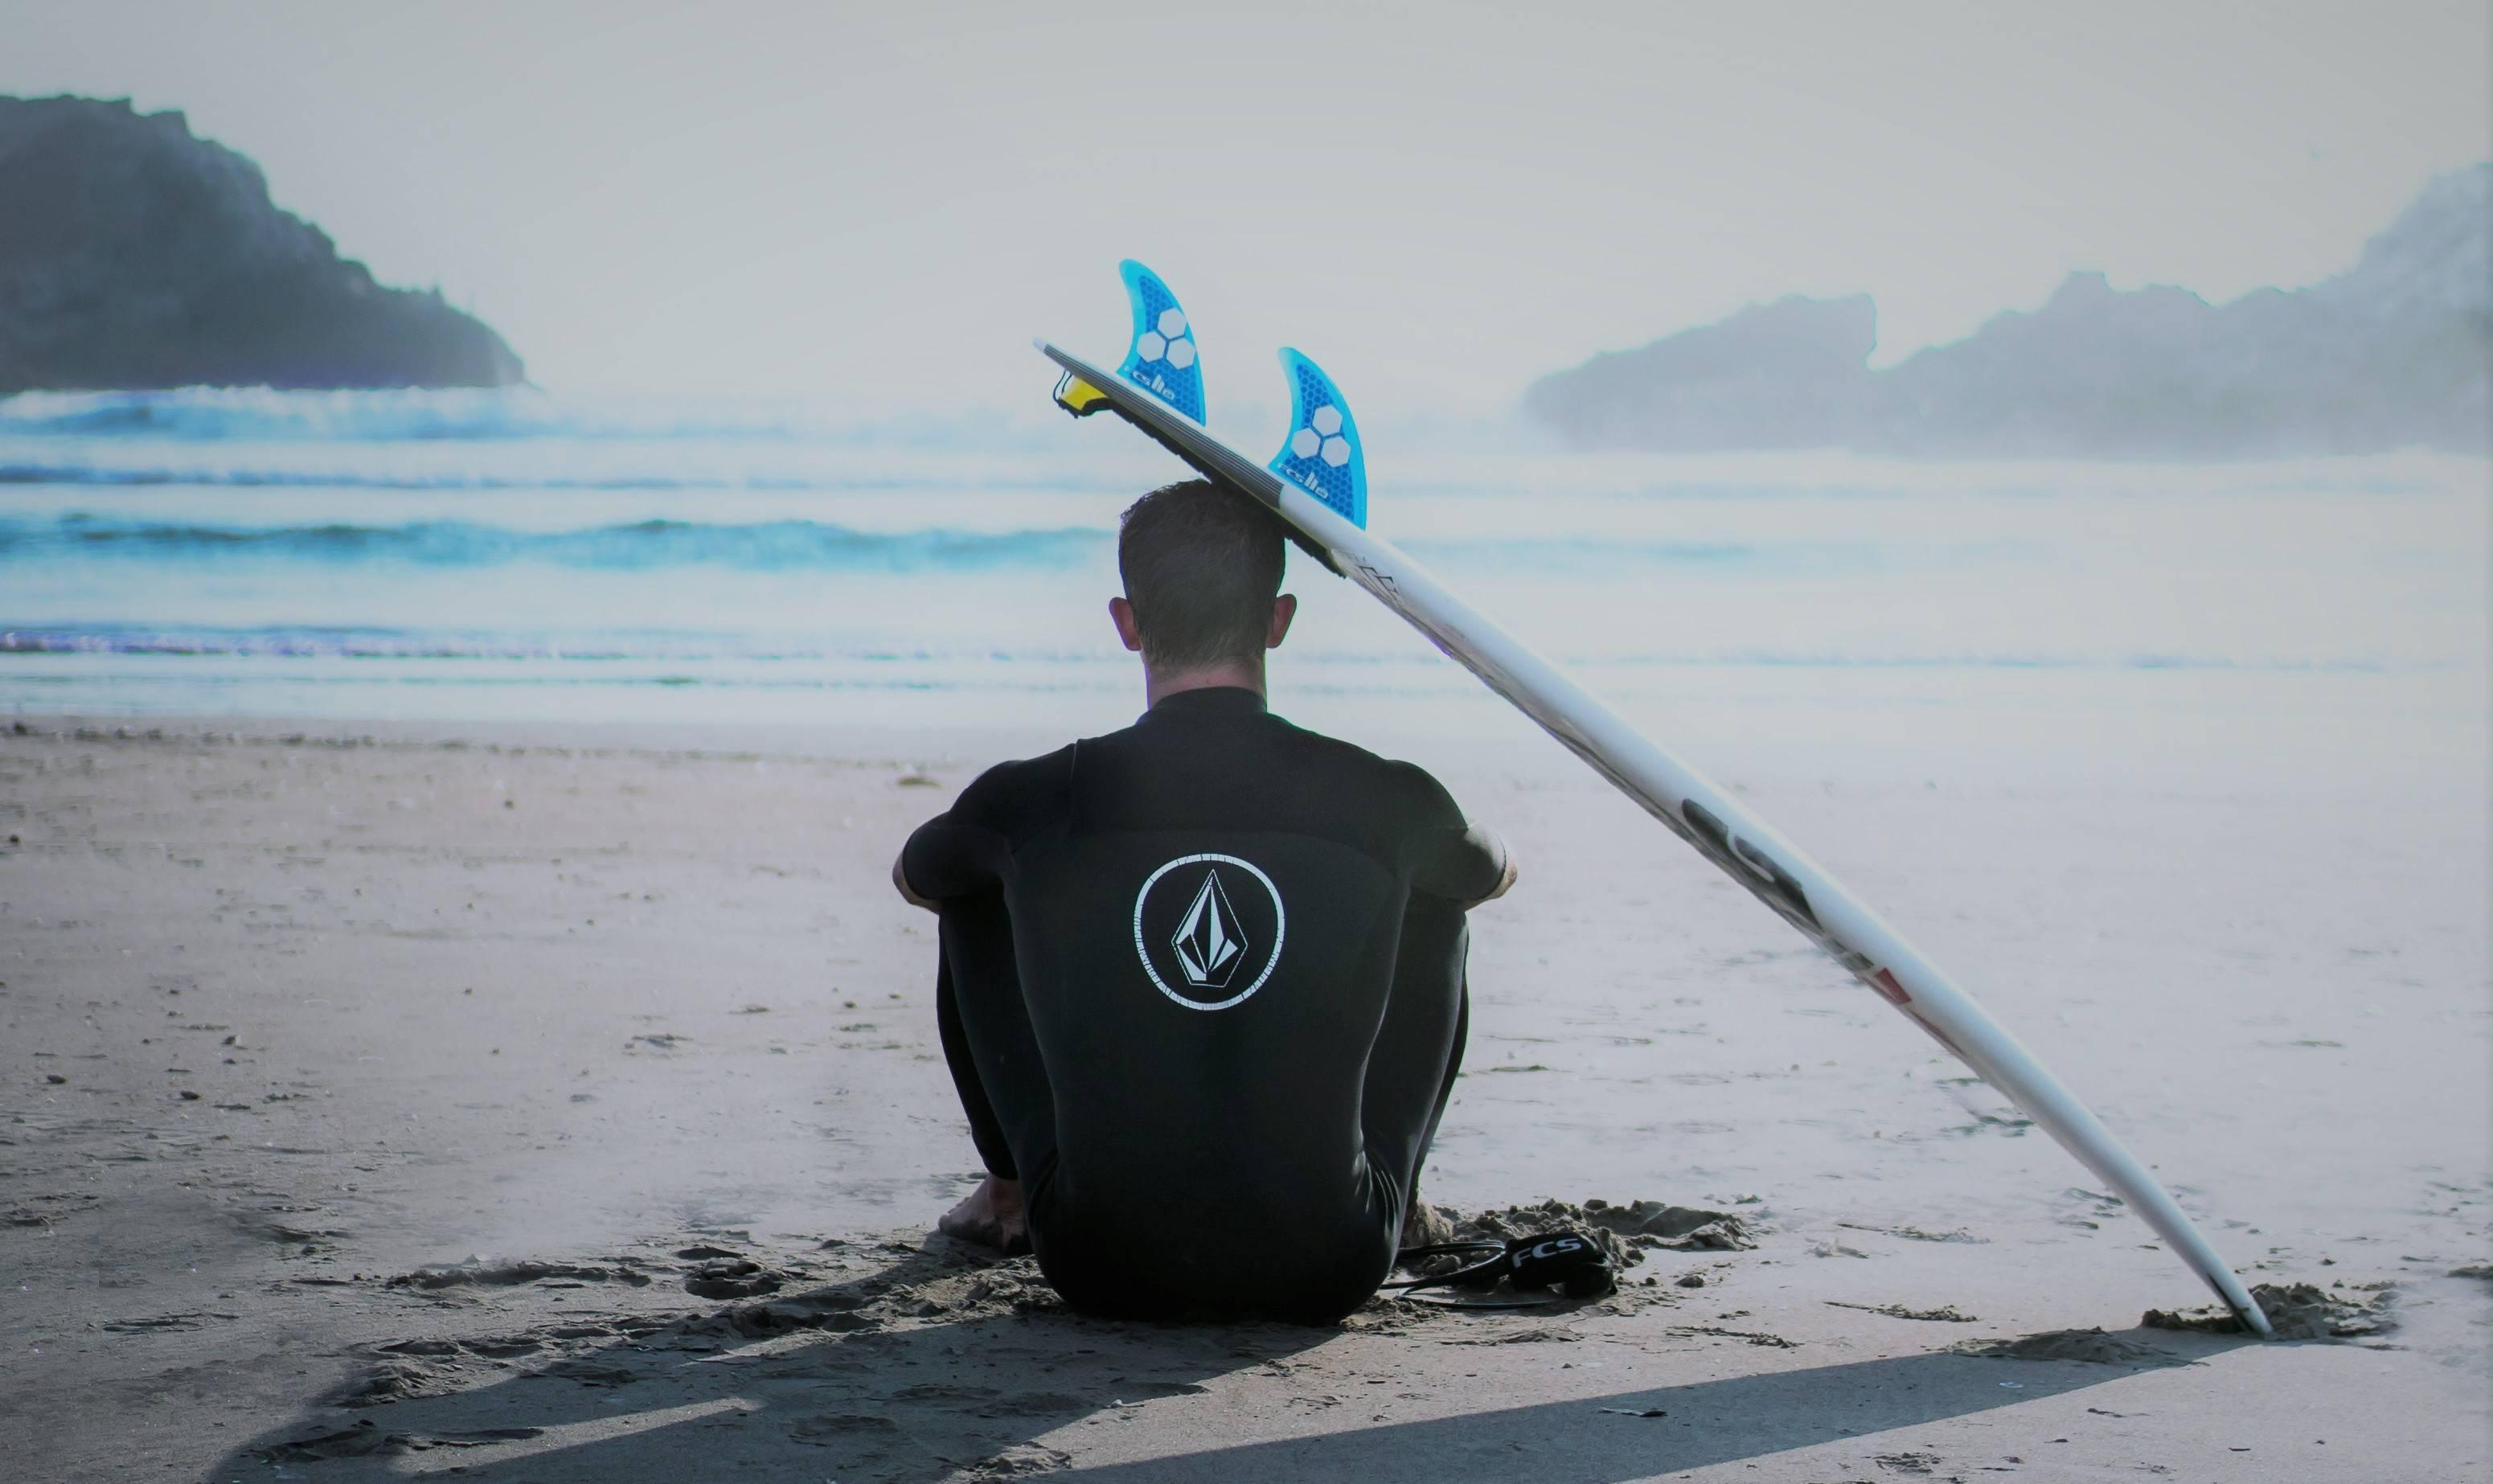 www.juicysantos.com.br - conferência de surf em santos